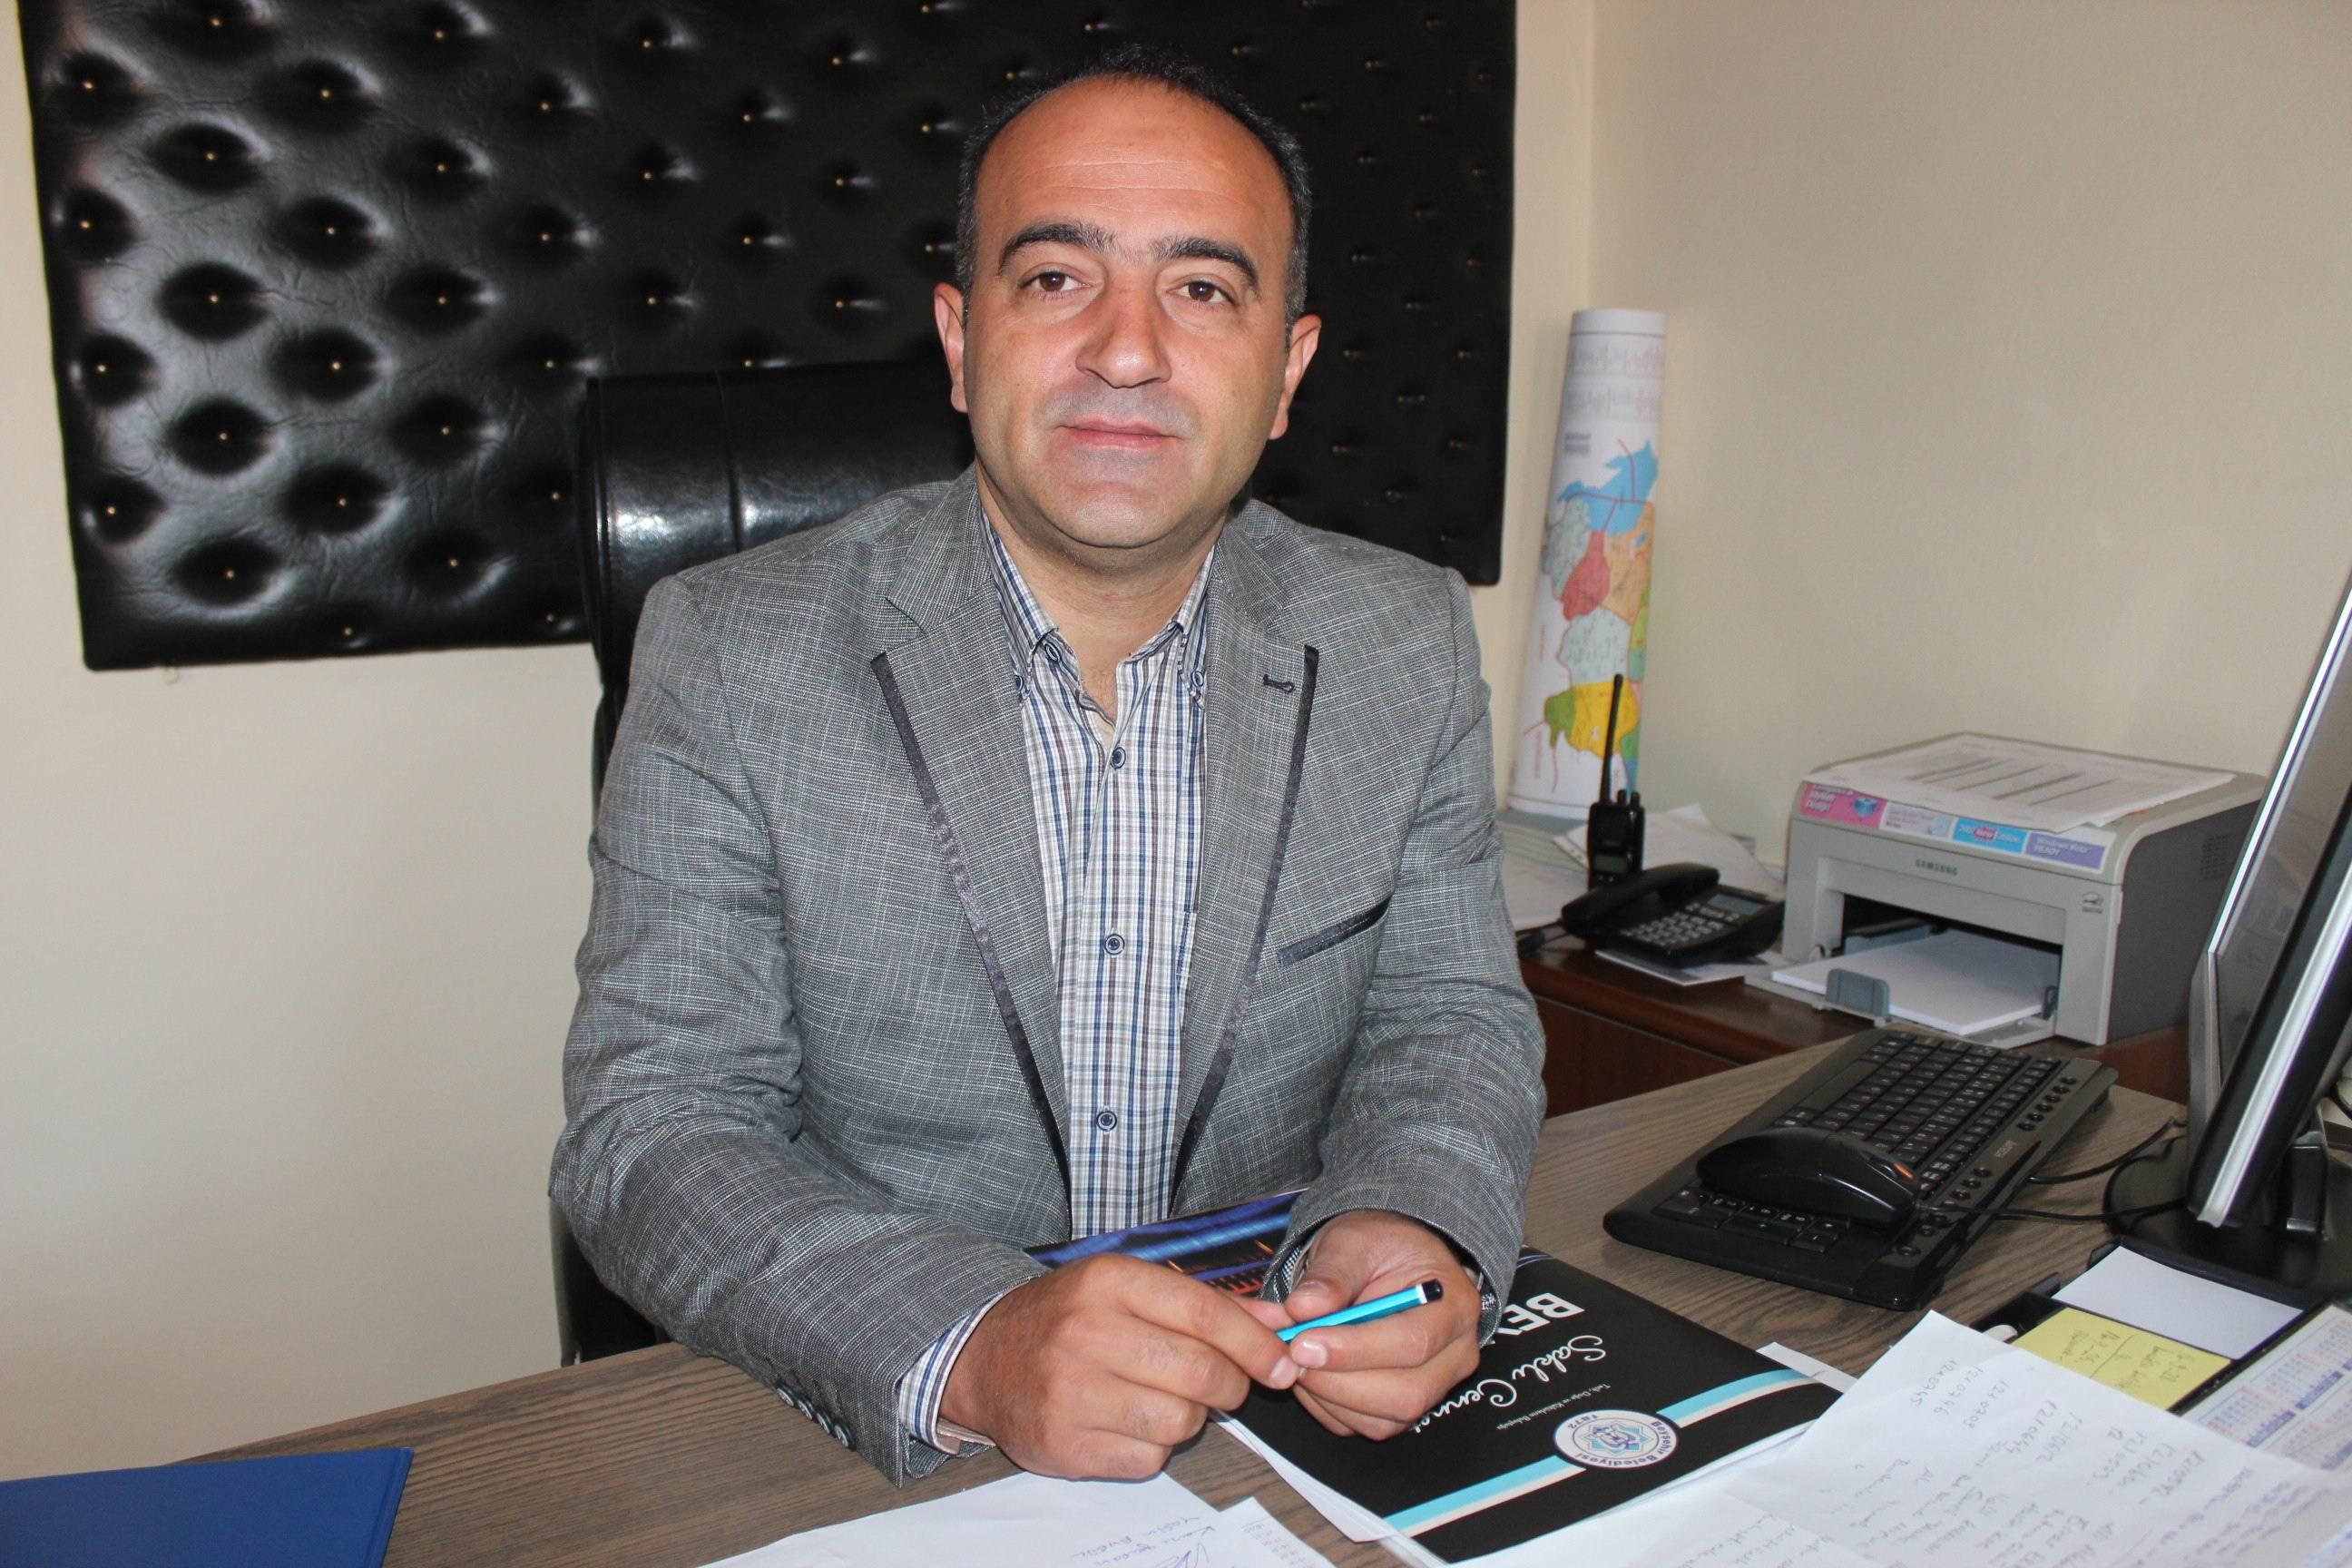 KOSKİNİN Beyşehir bölge sorumlusu Ali Özdemir oldu